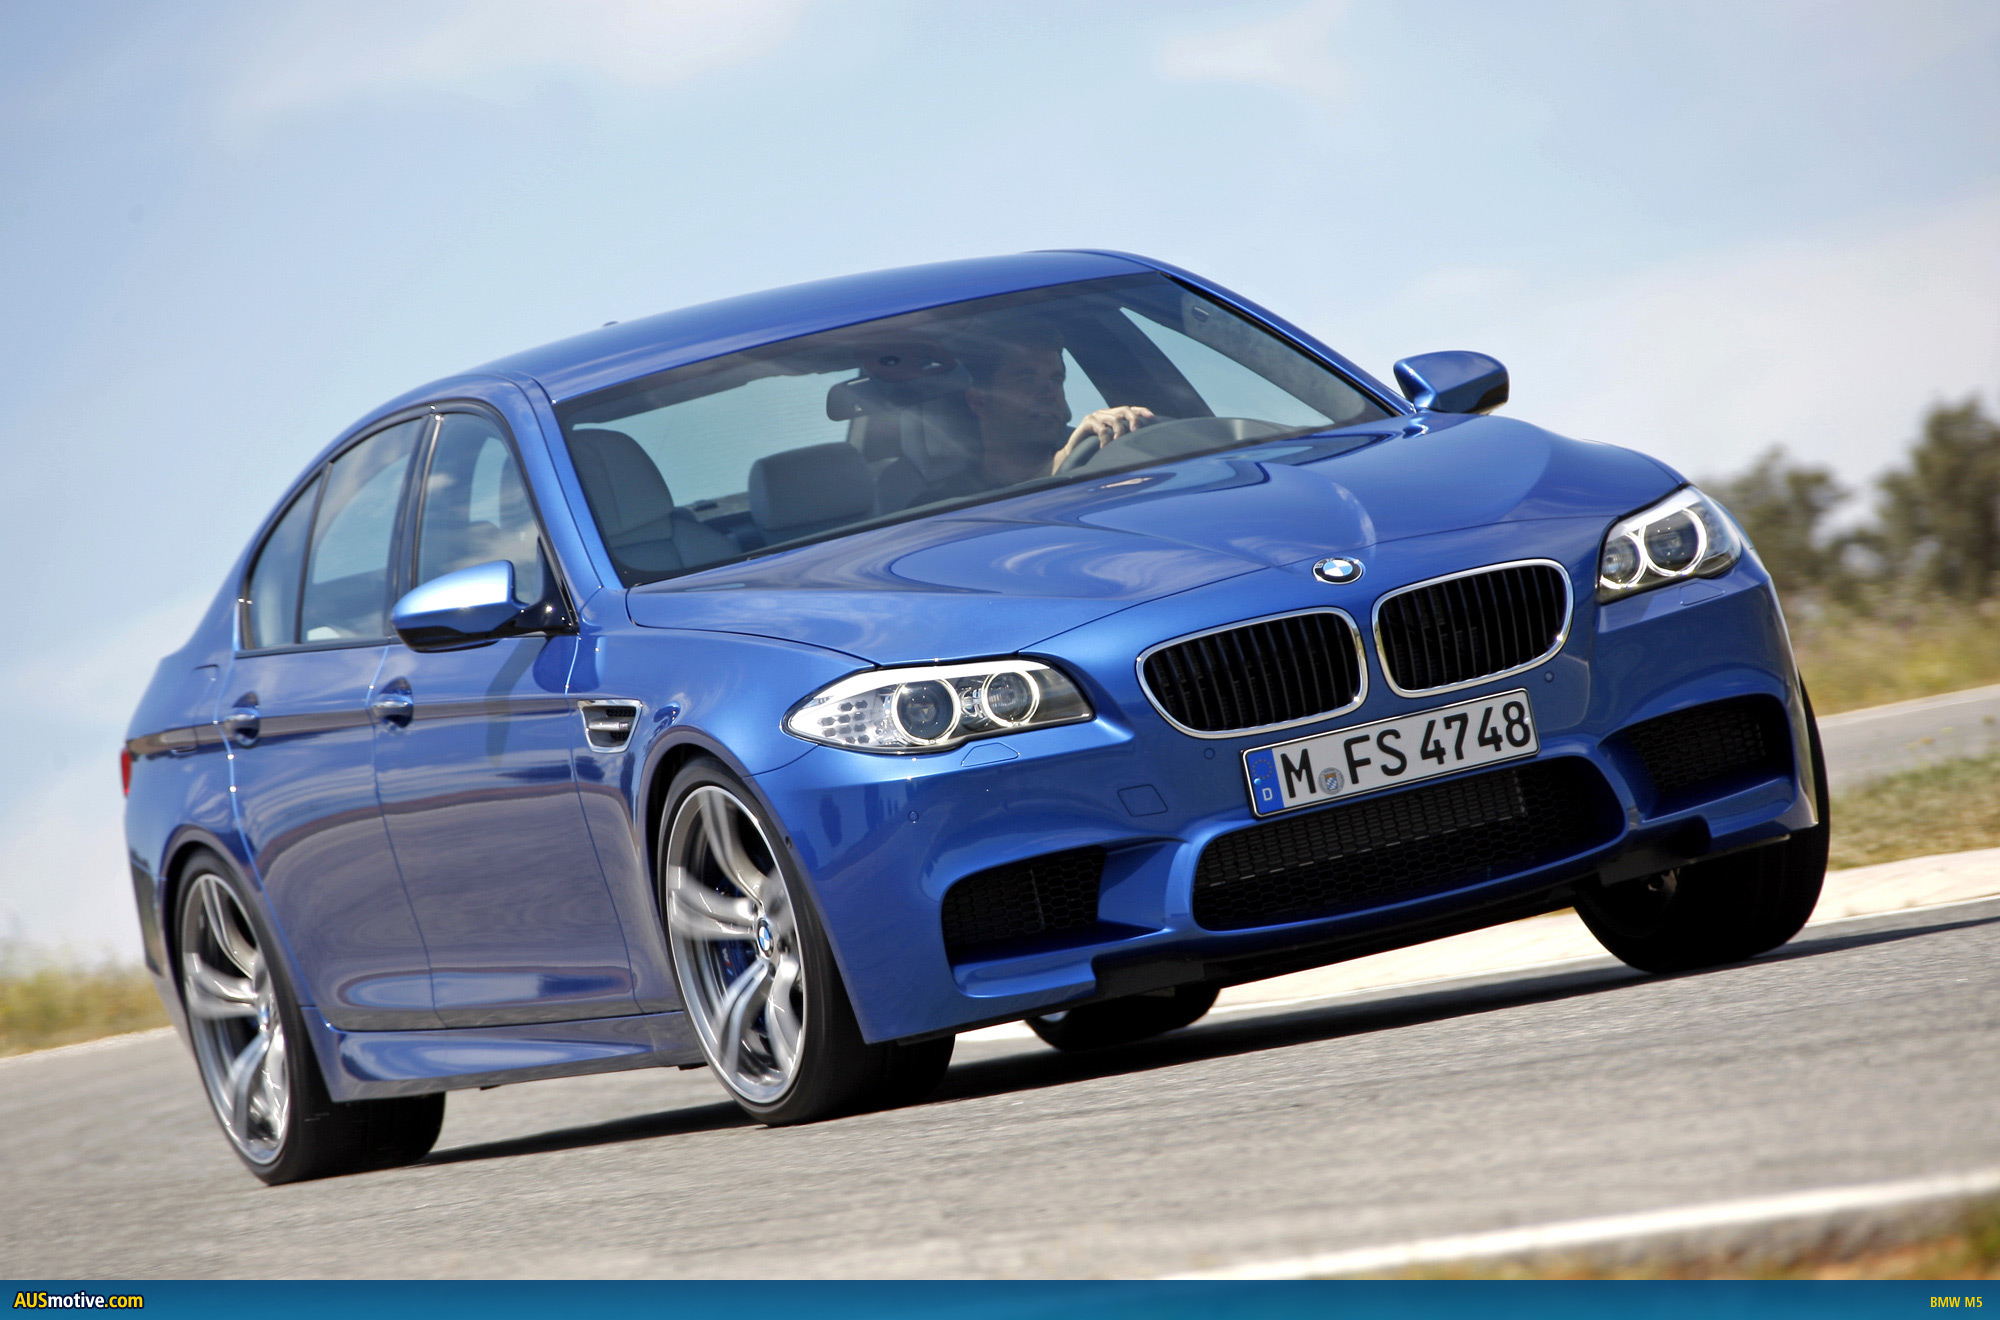 AUSmotive.com » OFFICIAL: BMW M5 photos & specifications